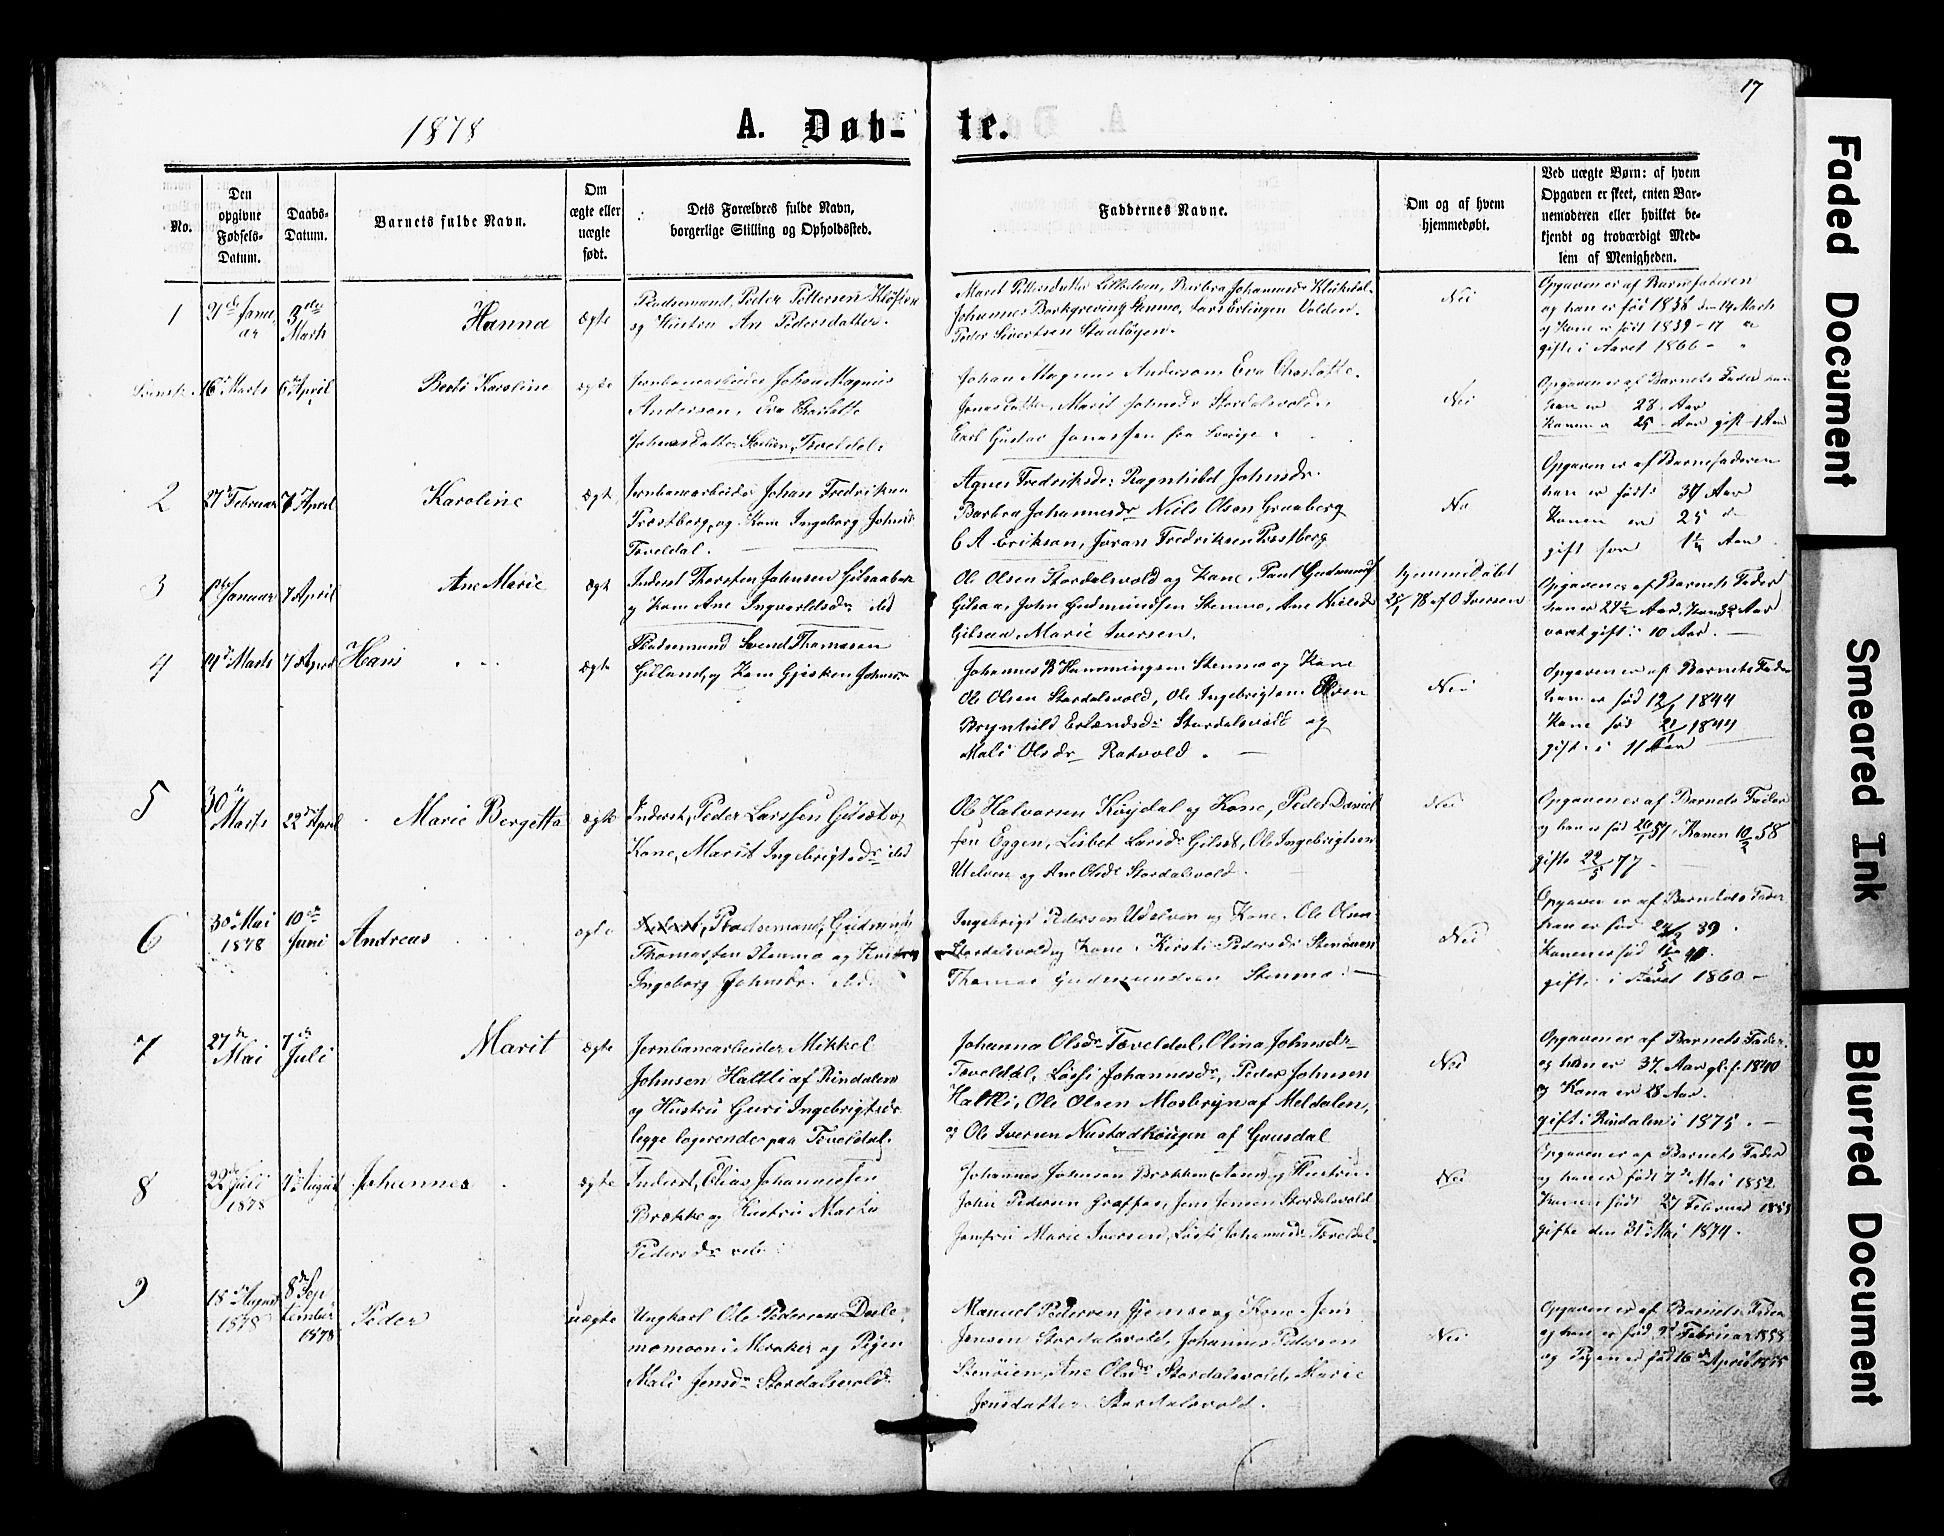 SAT, Ministerialprotokoller, klokkerbøker og fødselsregistre - Nord-Trøndelag, 707/L0052: Klokkerbok nr. 707C01, 1864-1897, s. 17